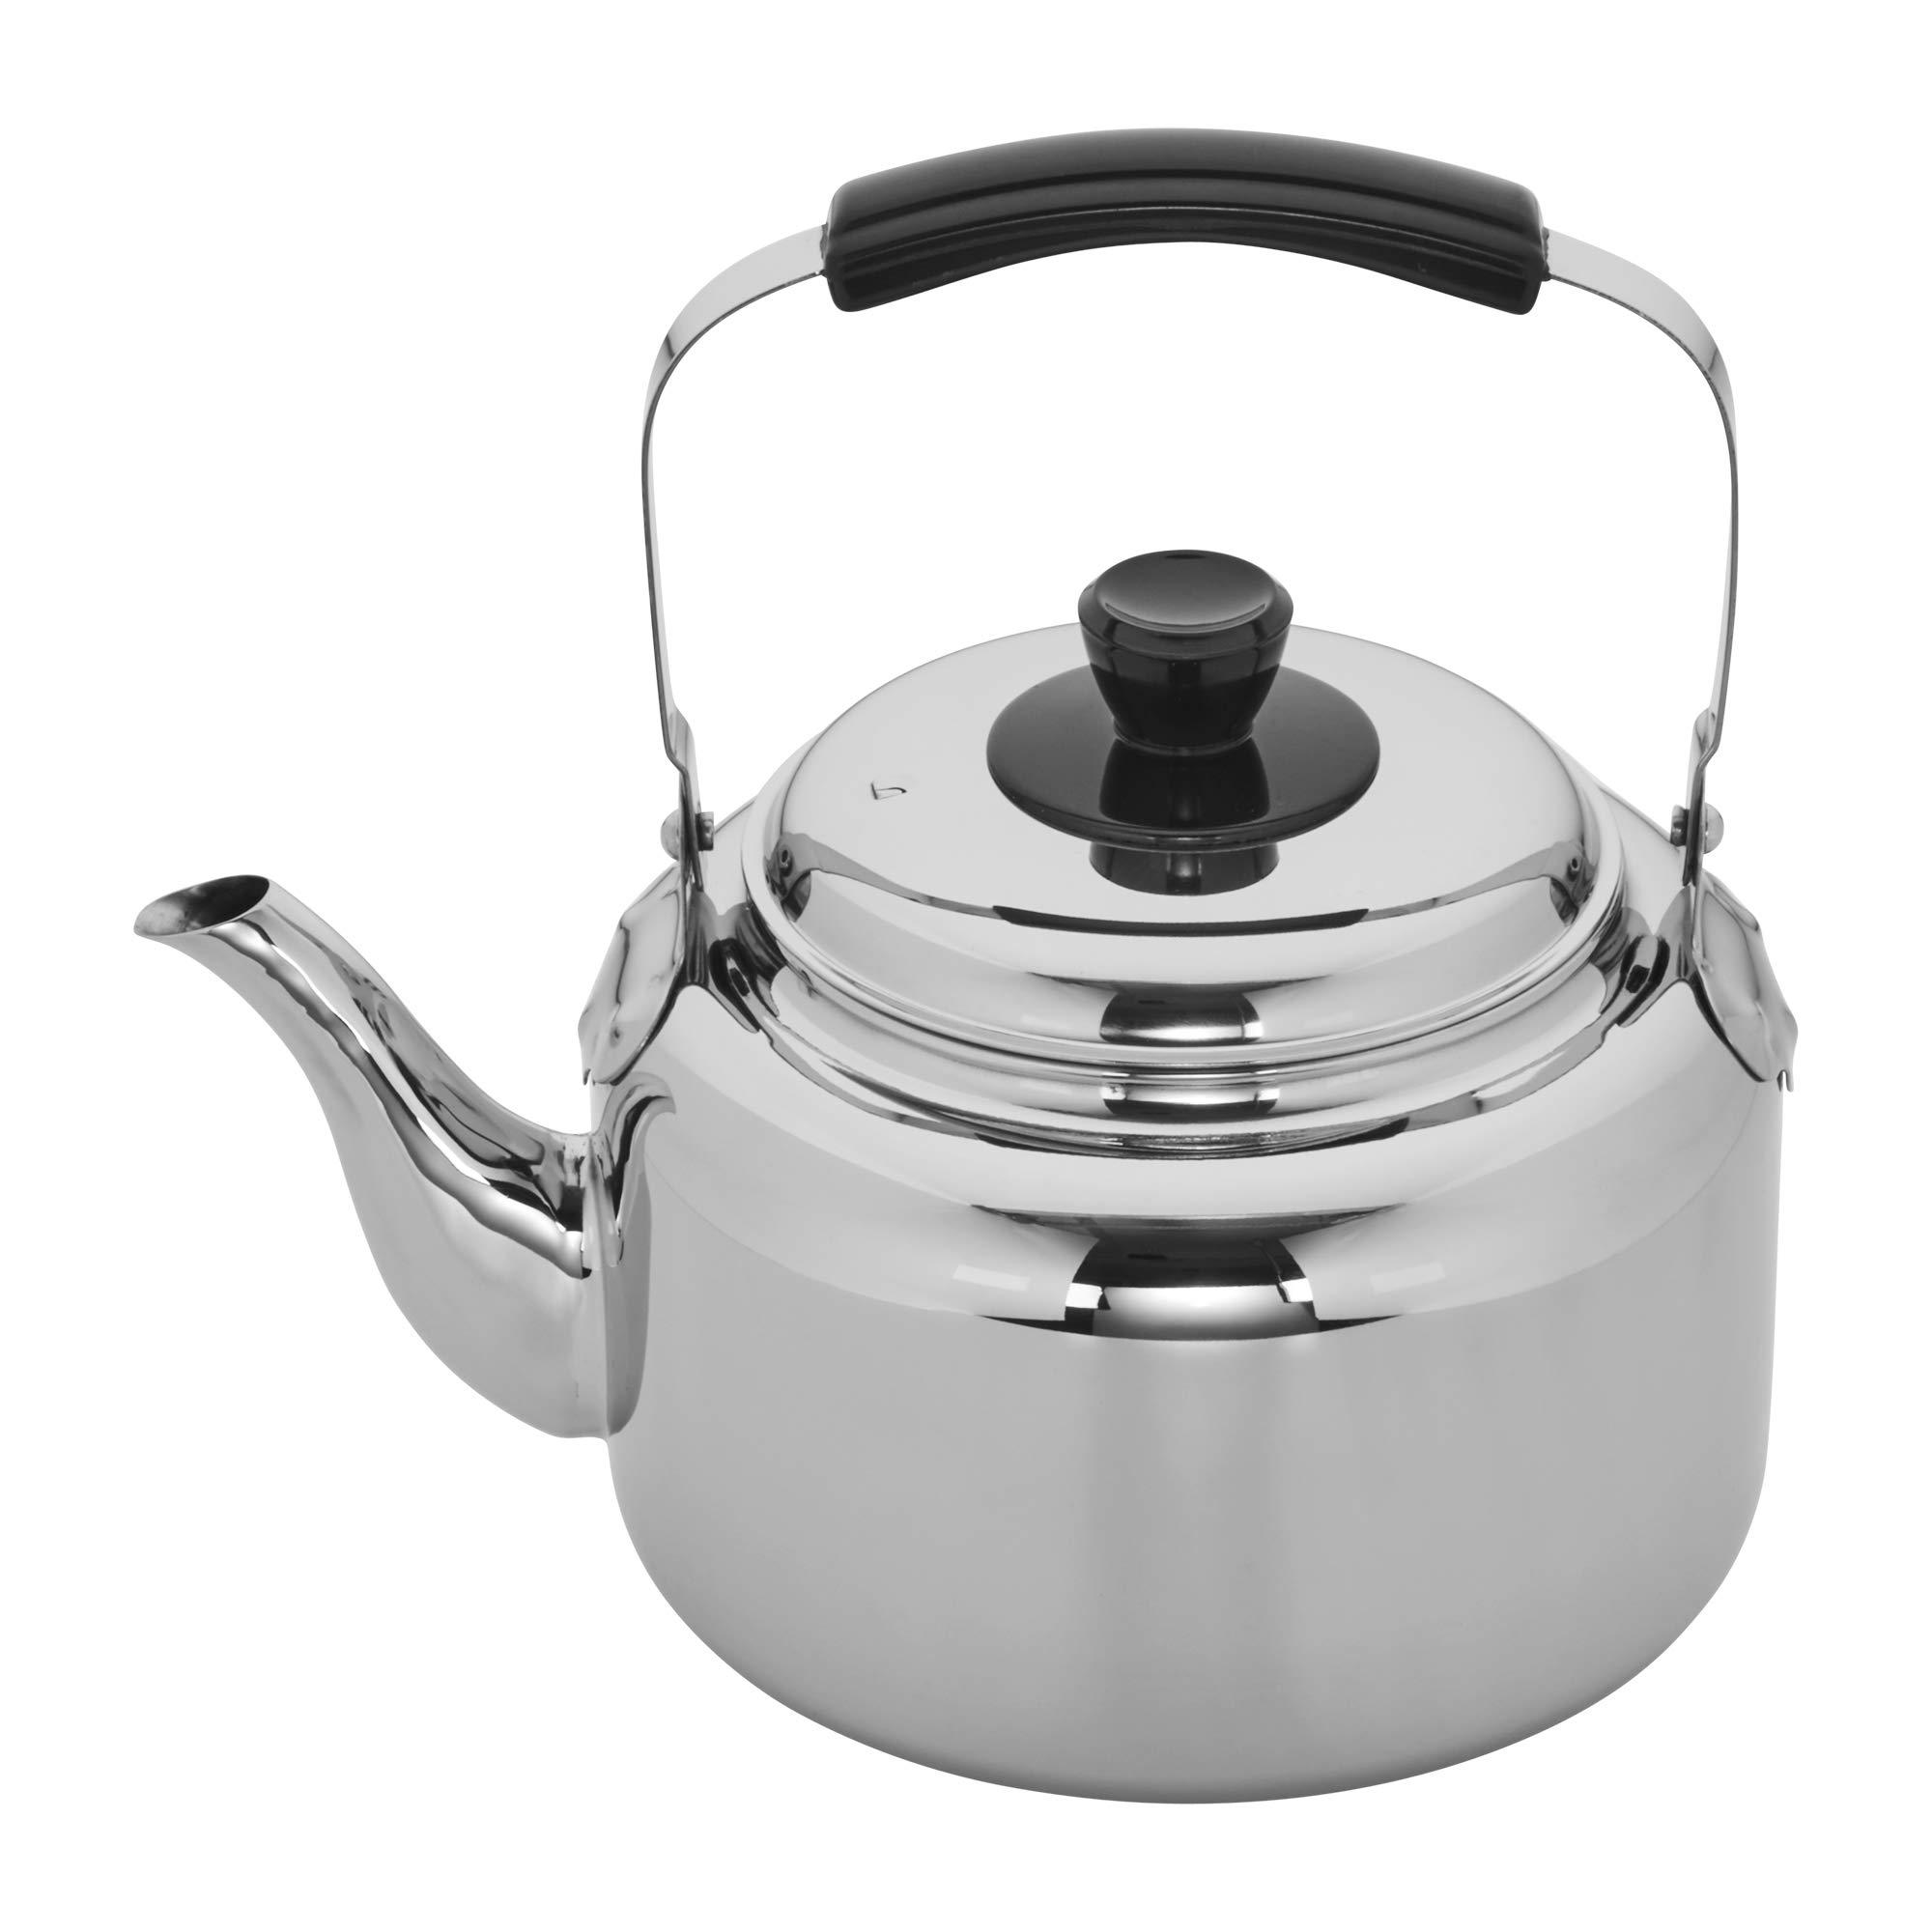 Demeyere 10106 RESTO Stainless Steel Tea Kettle, 6.3-qt